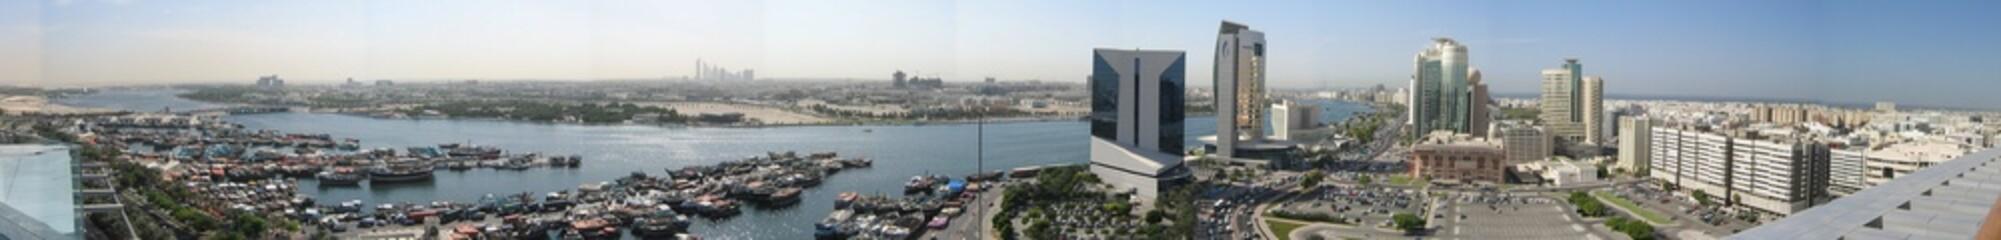 Panoramabild Dubai